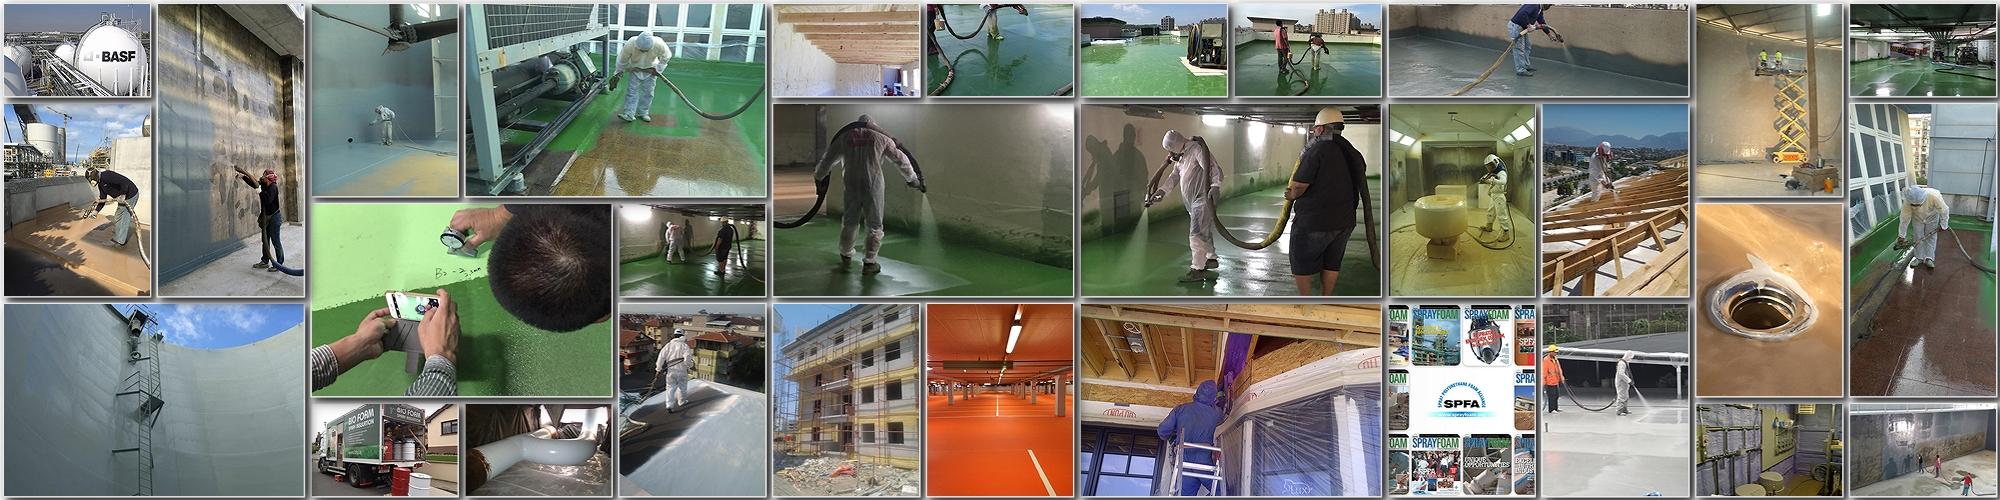 Самые свежие фото и видео о напылении ППУ и полимочевины